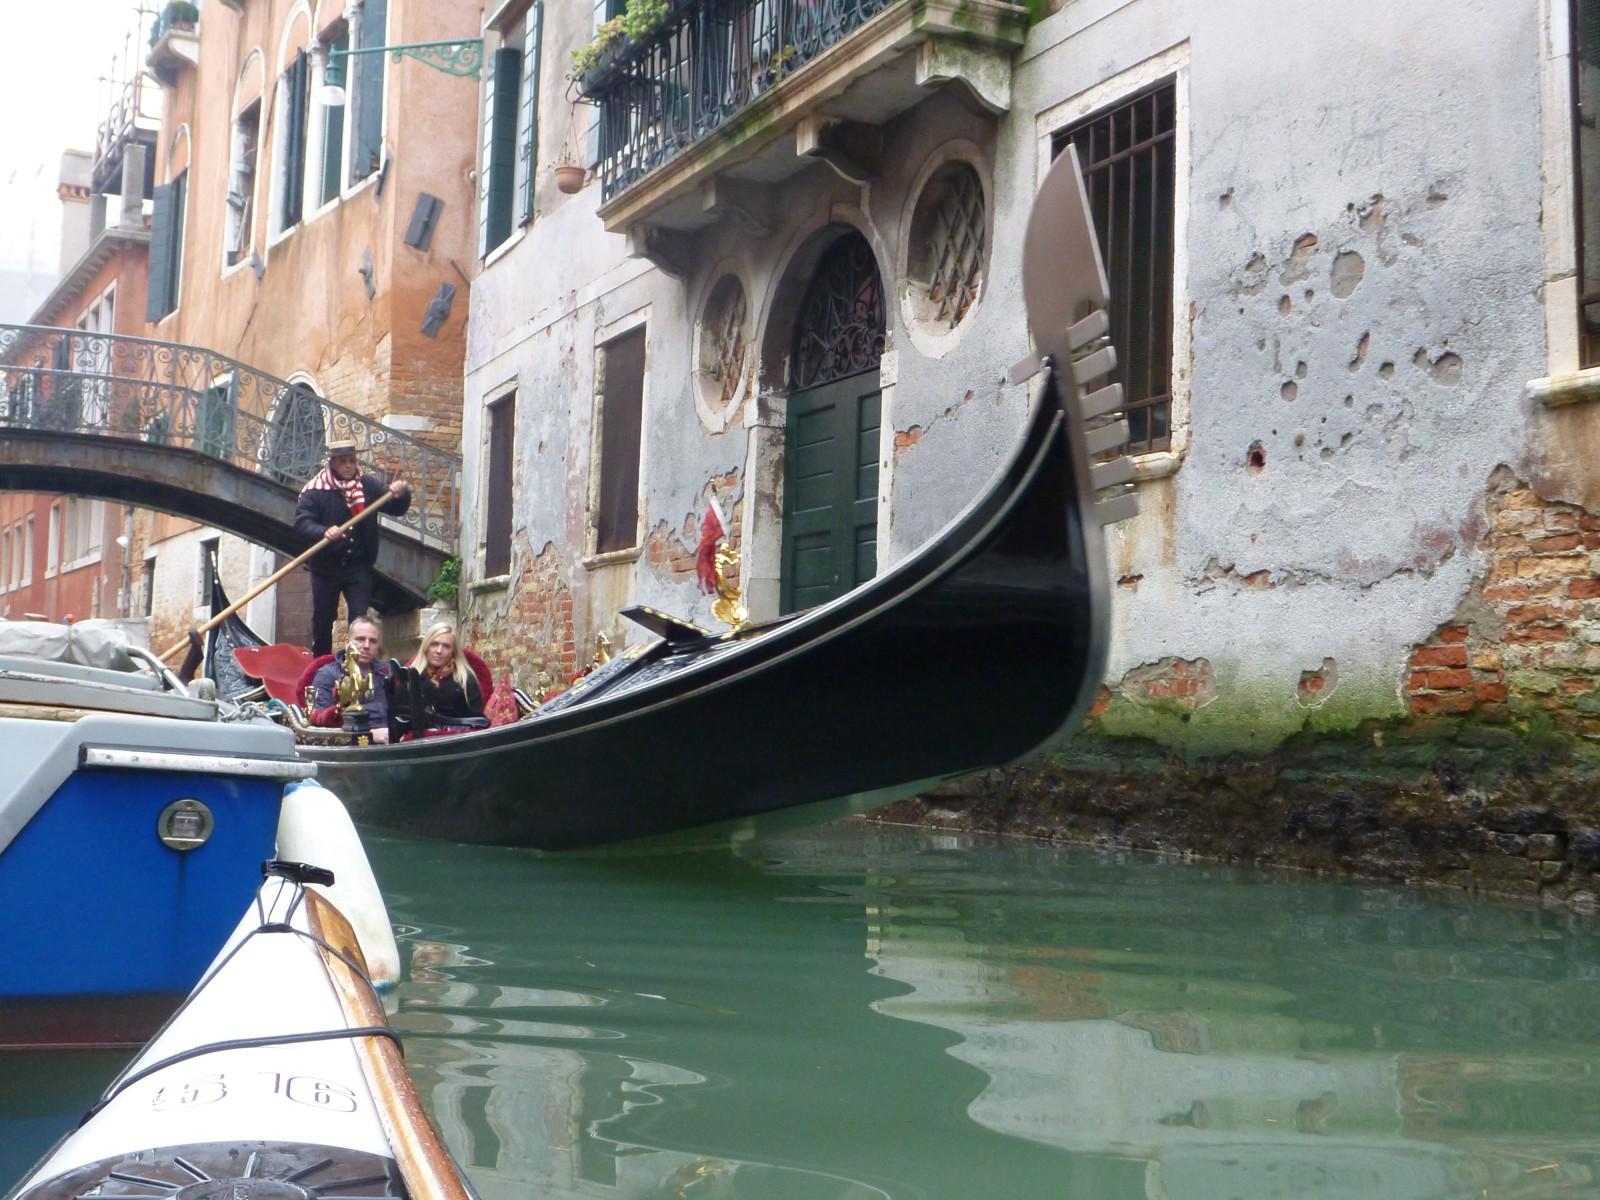 Gondola up close